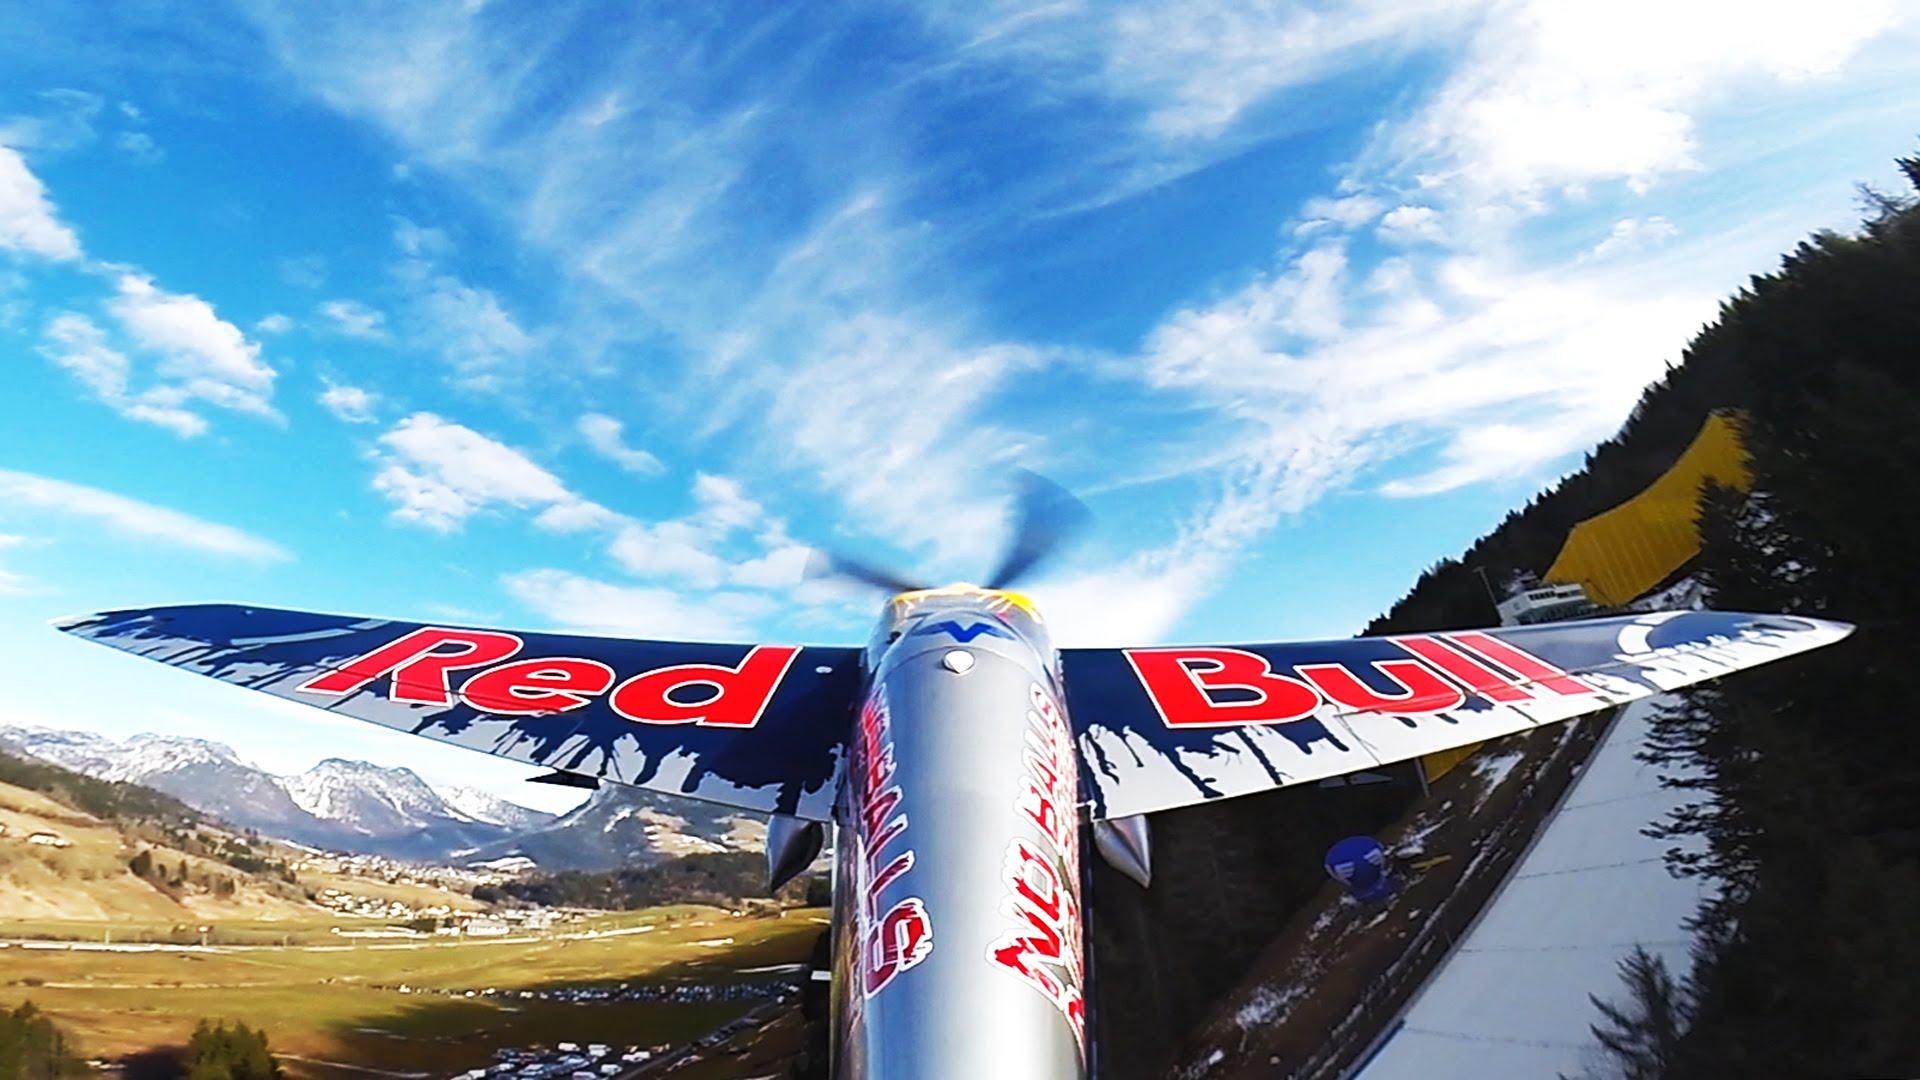 Un avion décolle depuis une route des Alpes